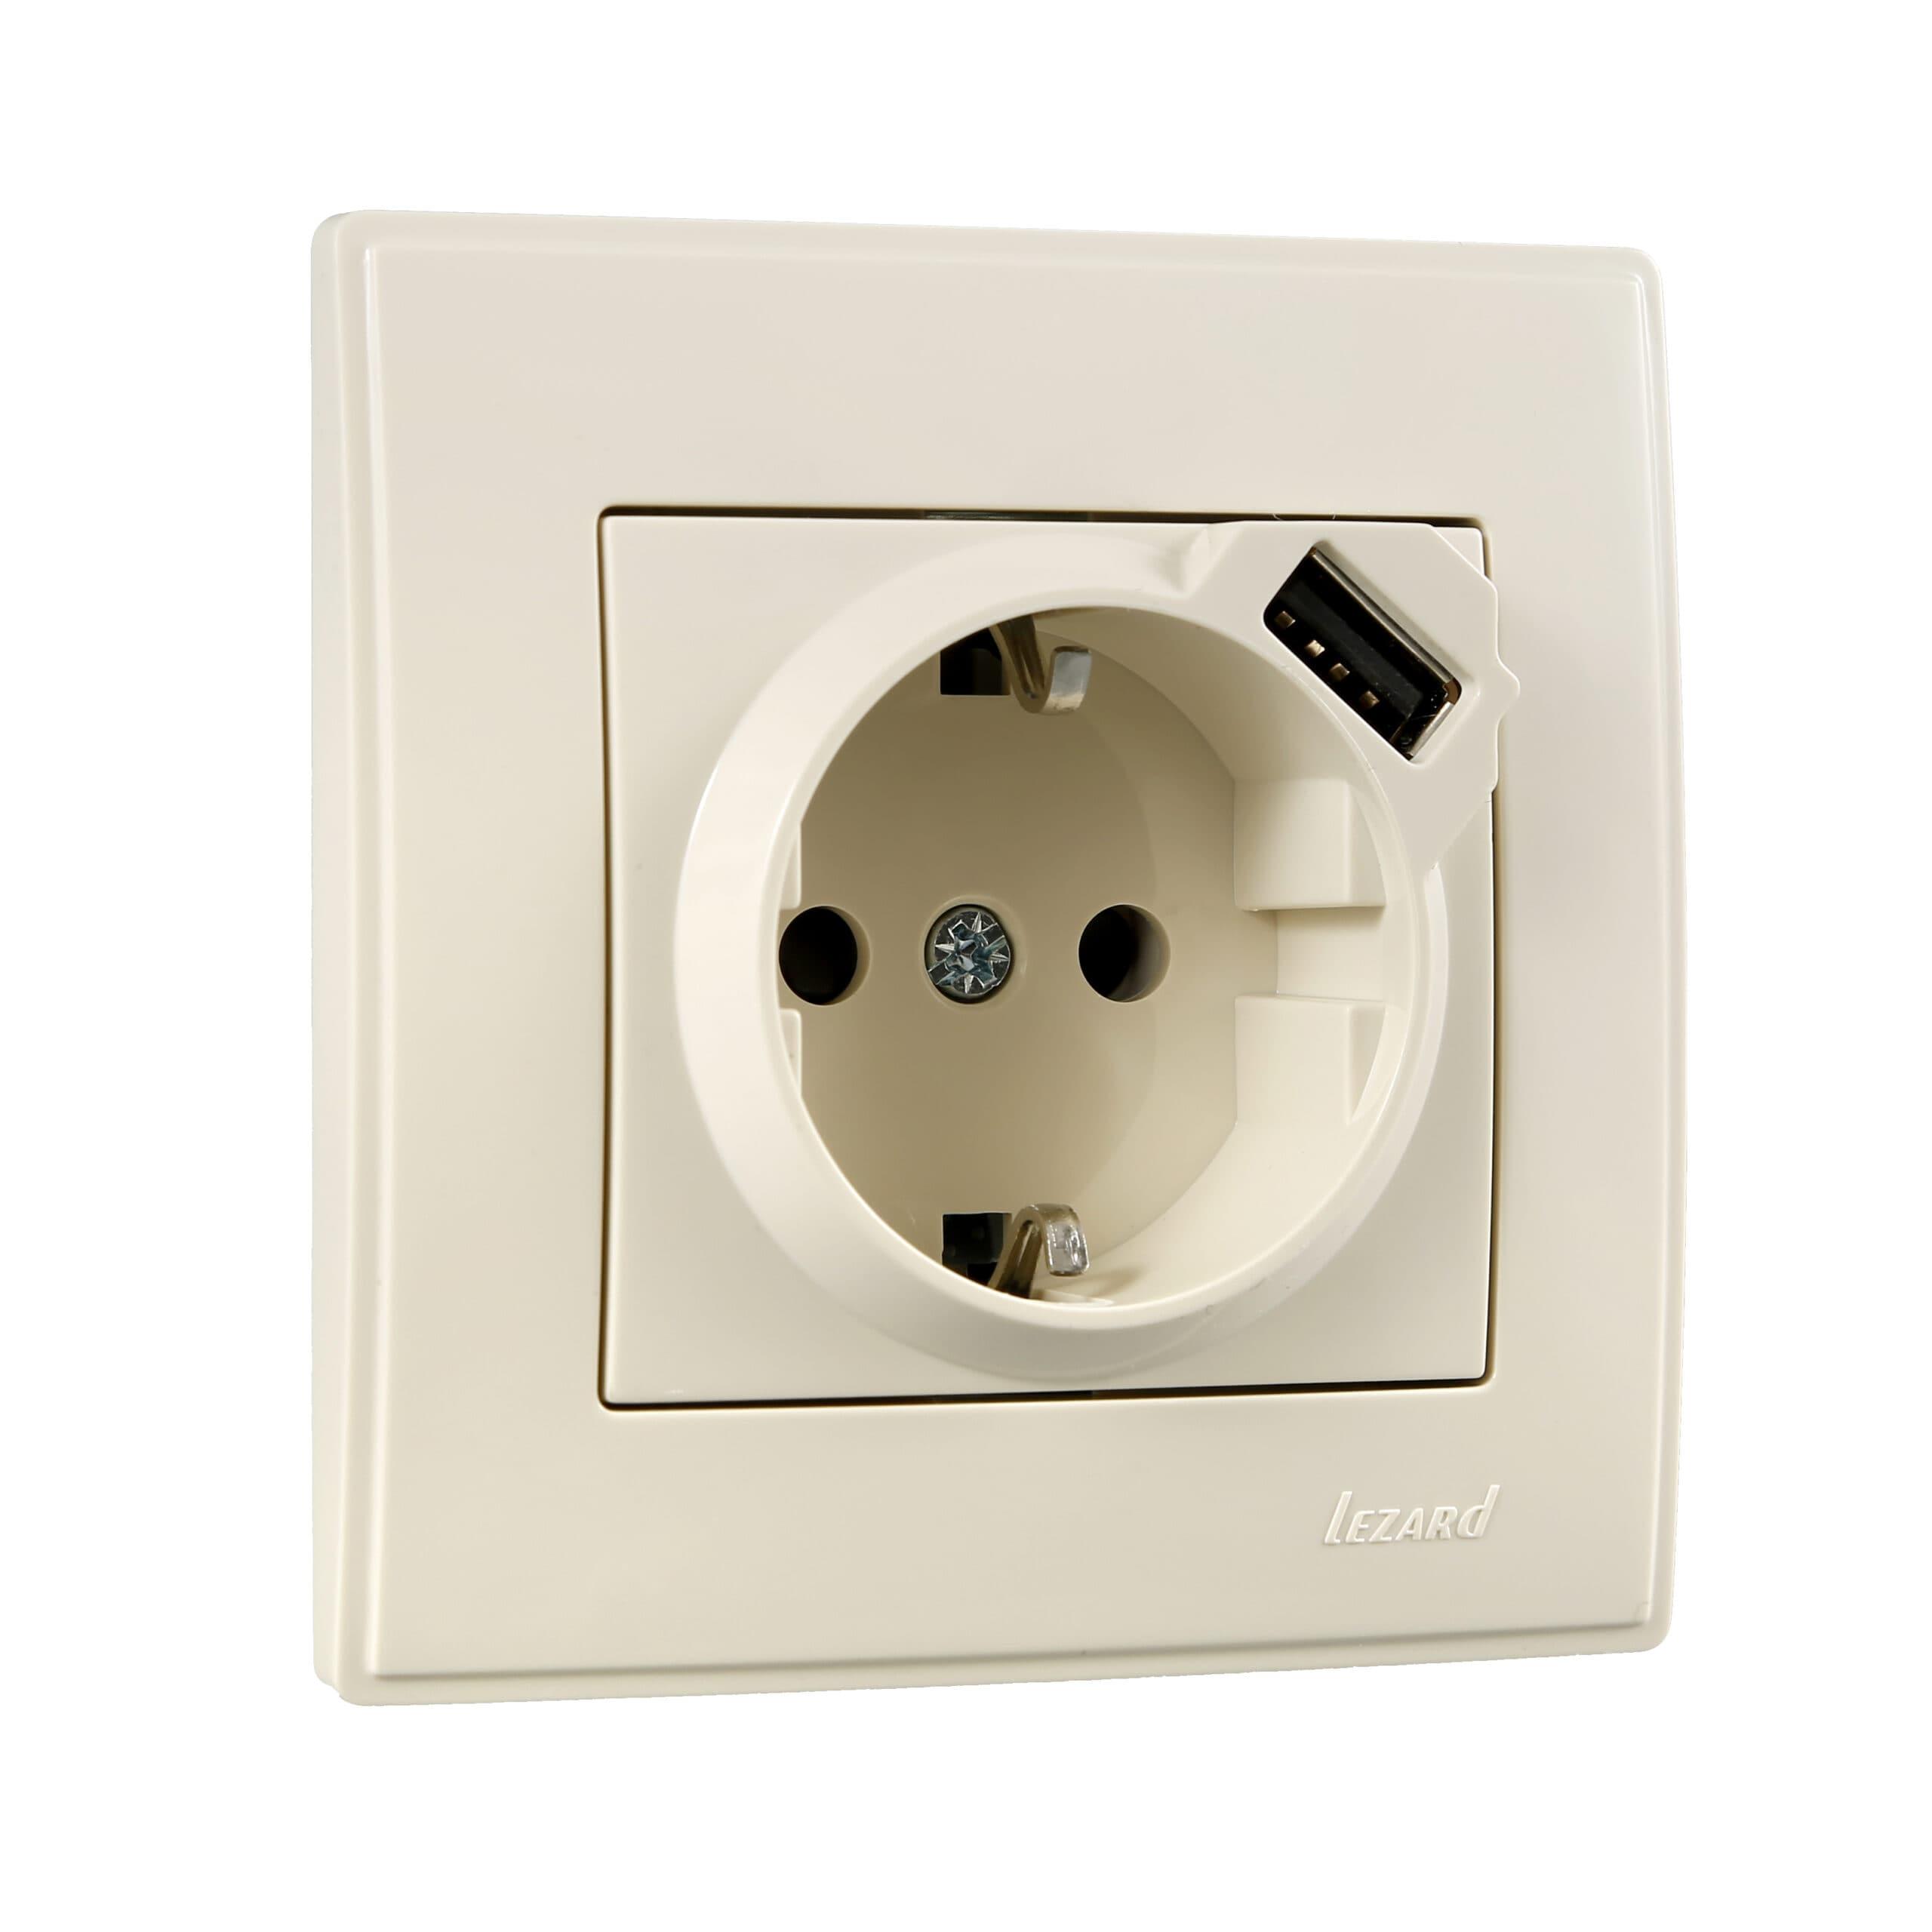 Розетки і вимикачі - Розетка с заземление + USB Lezard серия Lesya 000001618 - Фото 1